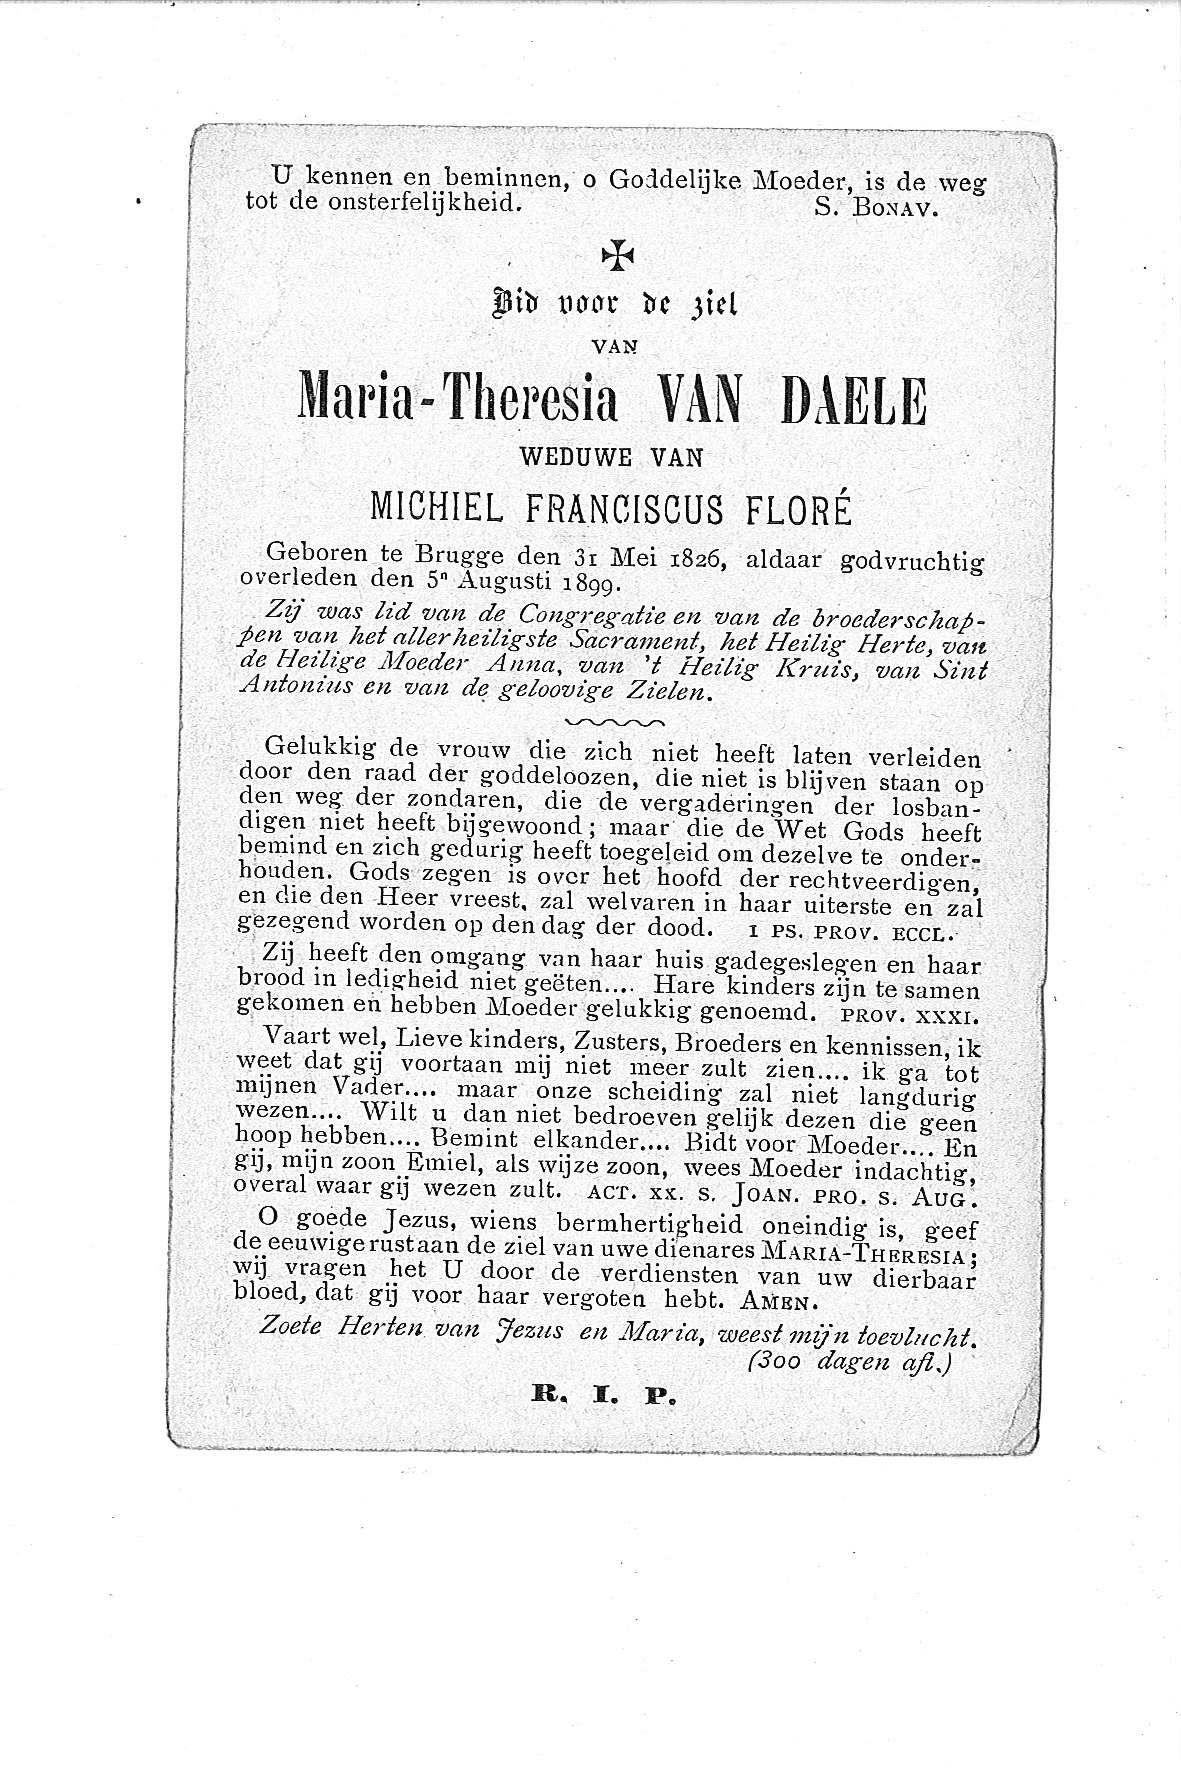 Maria-Theresia(1899)20091211103320_00004.jpg